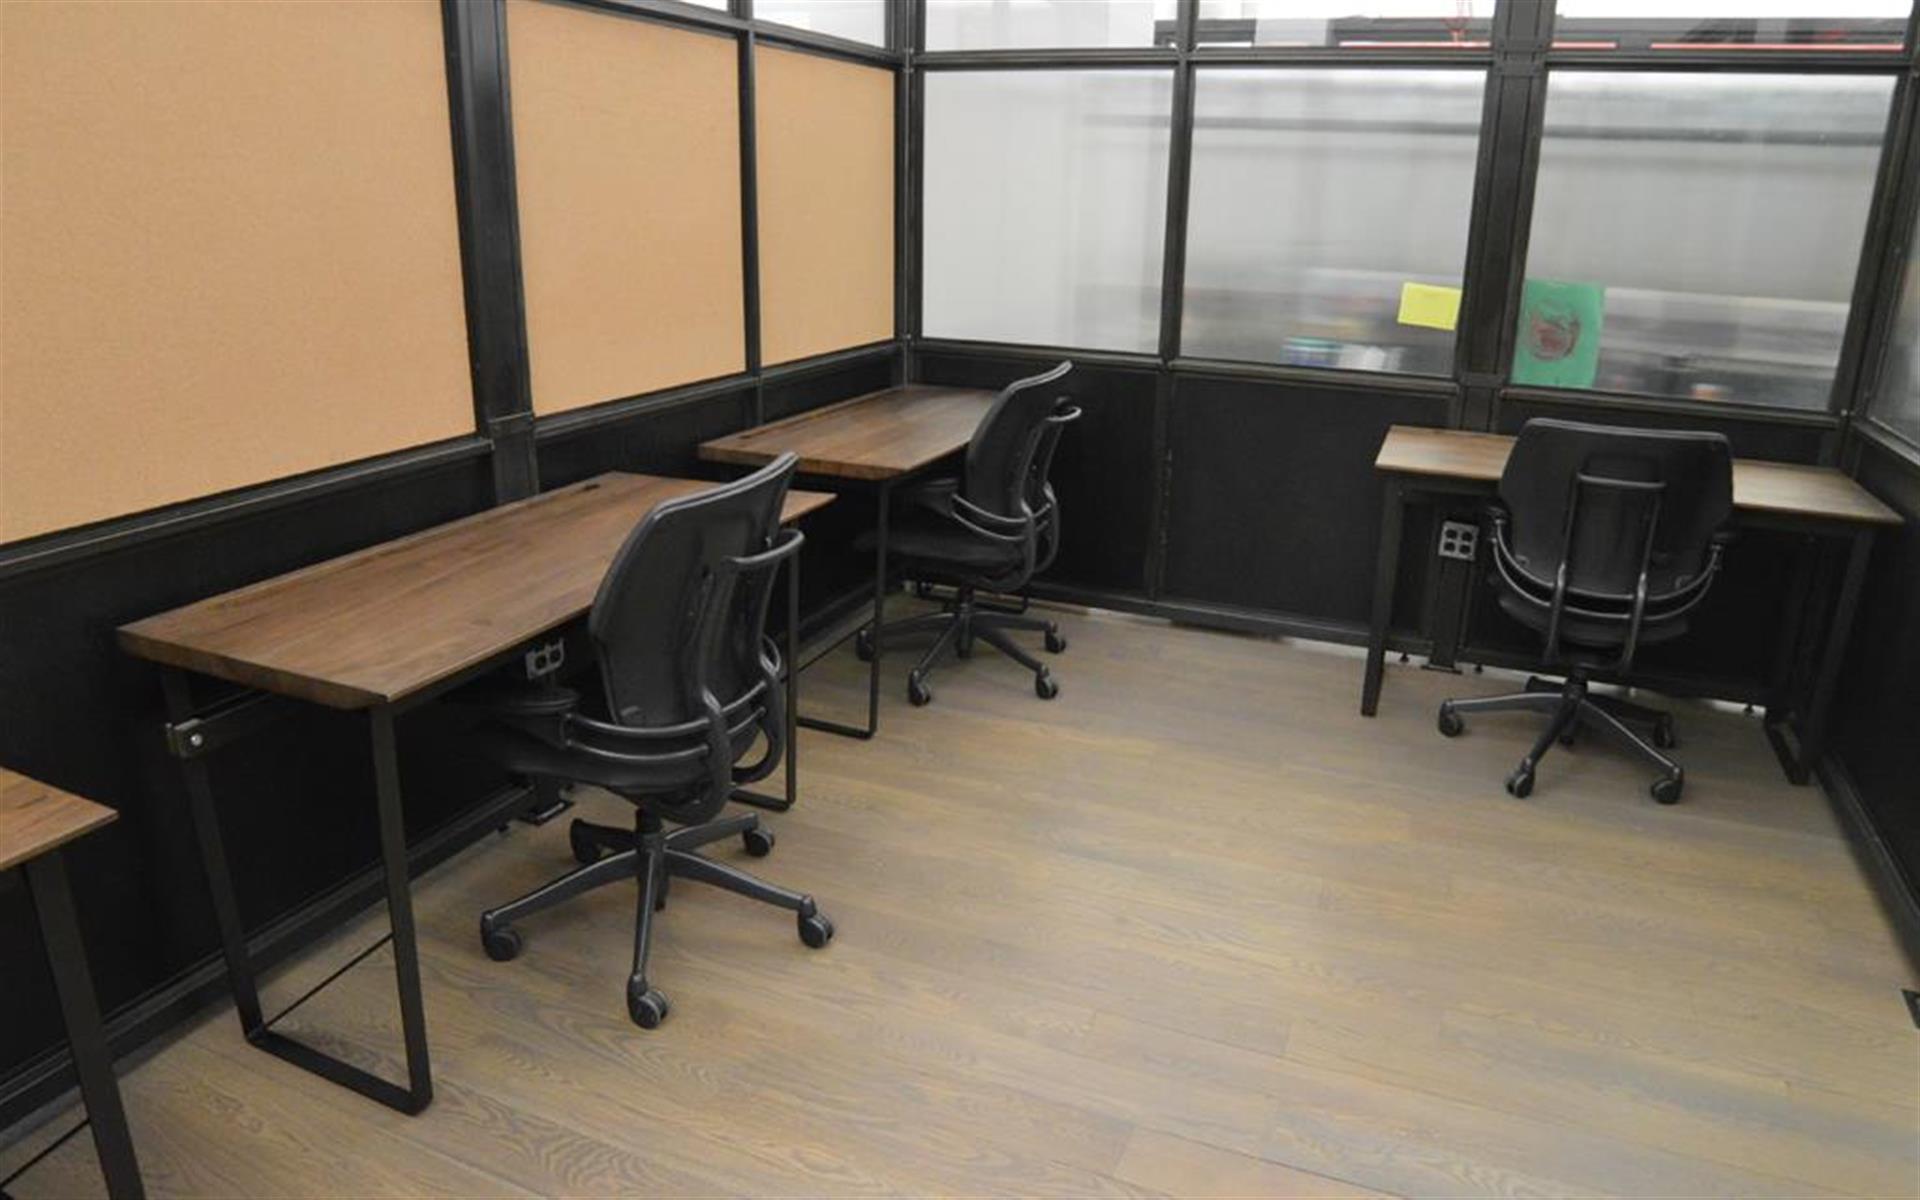 BLENDER WORKSPACE - 6 Desk Private Office Suite